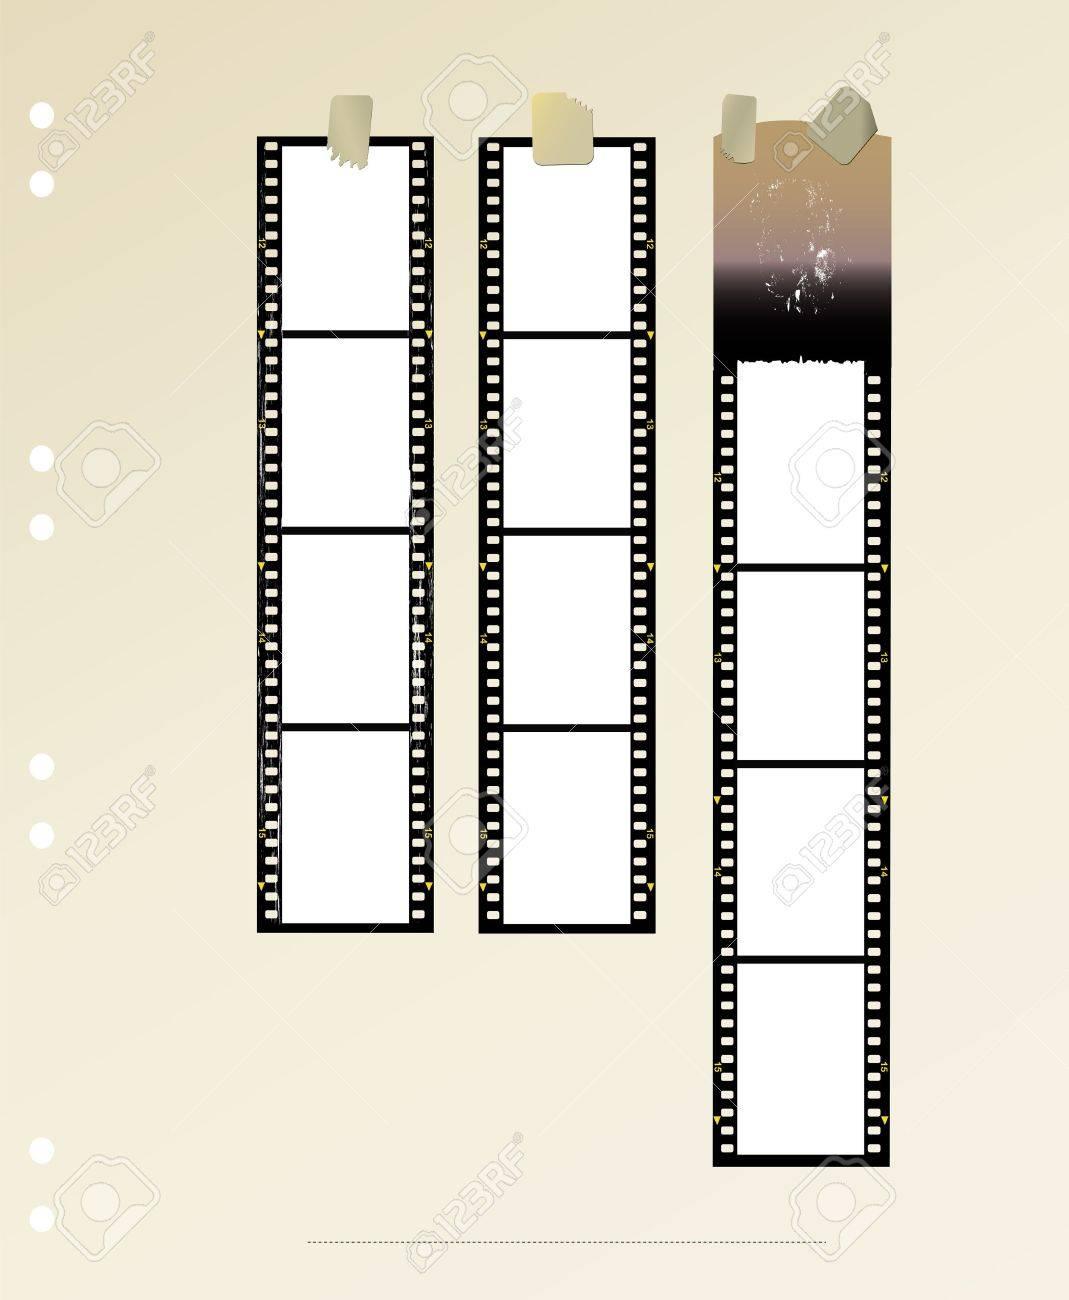 Tiras De Película, El Formato Estándar De Fotogramas En Blanco ...